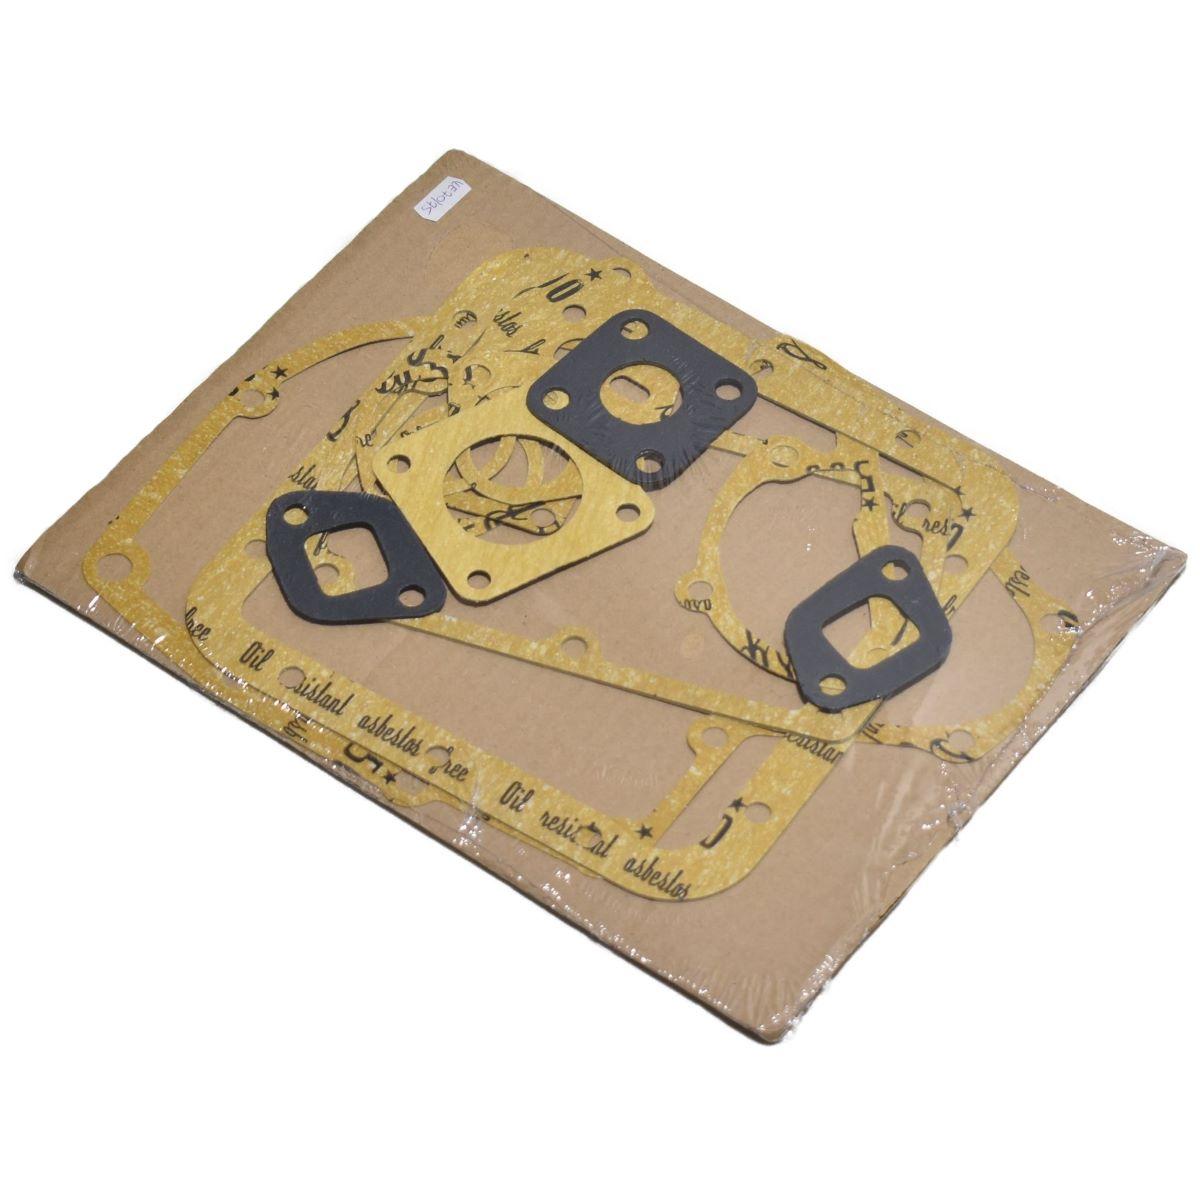 PAKKING SET ISEKI, MITSUBISHI, SATOH, SUZUE, KE70, KE75 Inhoud set: (onder andere) Inlaat + uitlaat pakking Distributiepakking Carterpakking ect. Let op!: Zonder koppakking Zonder kleppendeksel pakking Iseki: (KE70 + KE75 motor) TX1300 TX1500 Mitsubishi: D1300 D1500 MT1301 MT372 Satoh: ST1300 ST1300D ST1510 Suzue: MT1301 MT1301D MT1501 Noda: NR1301 NR1501